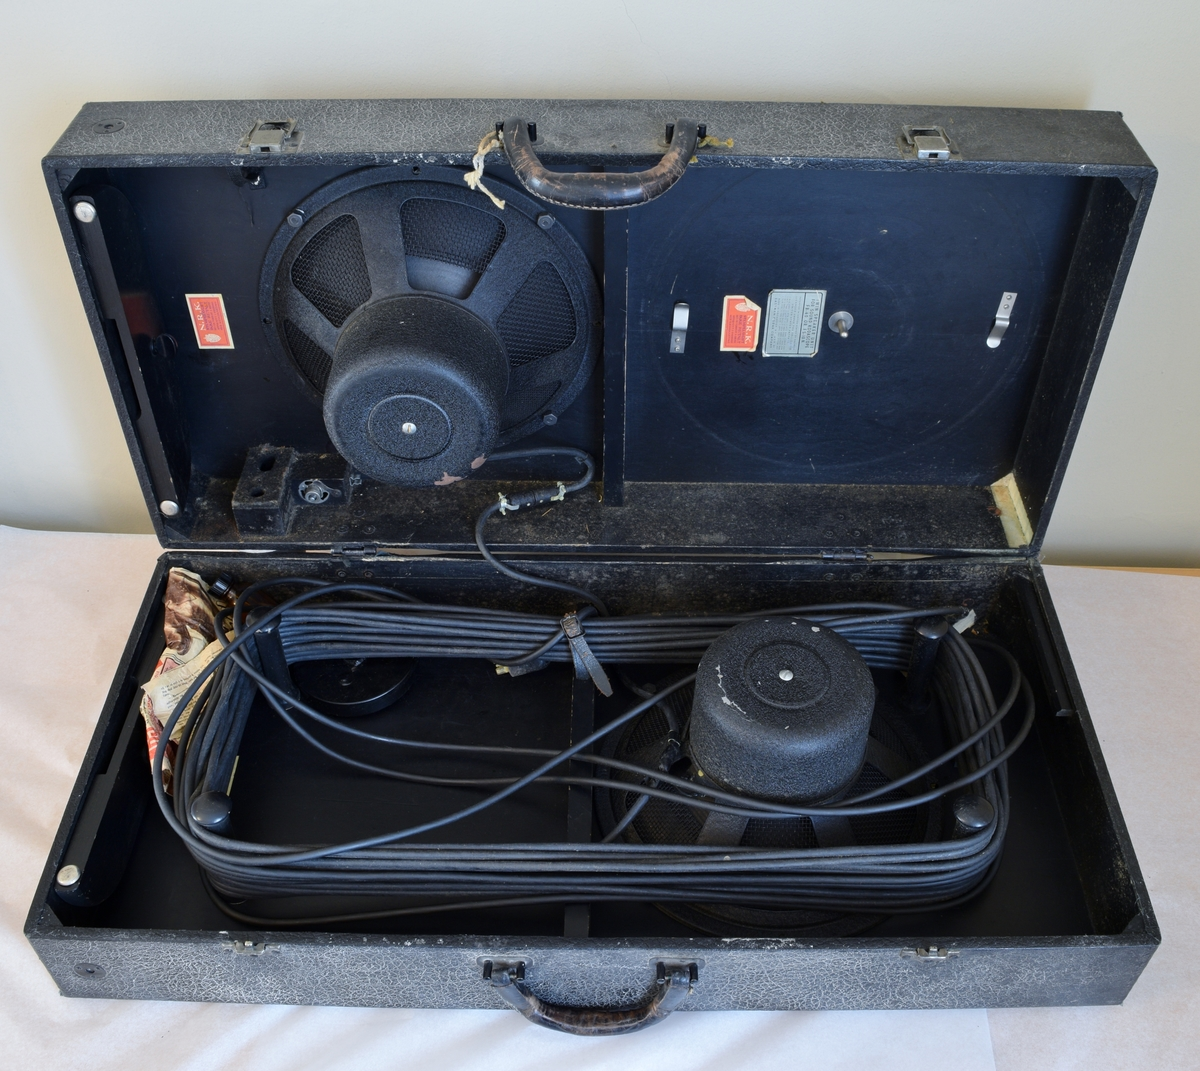 Høyttalersett til videofremviser. To stk. høyttalere pakket sammen som en koffert. Inneholder også smøreolje som var pakket inn i et ukeblad.